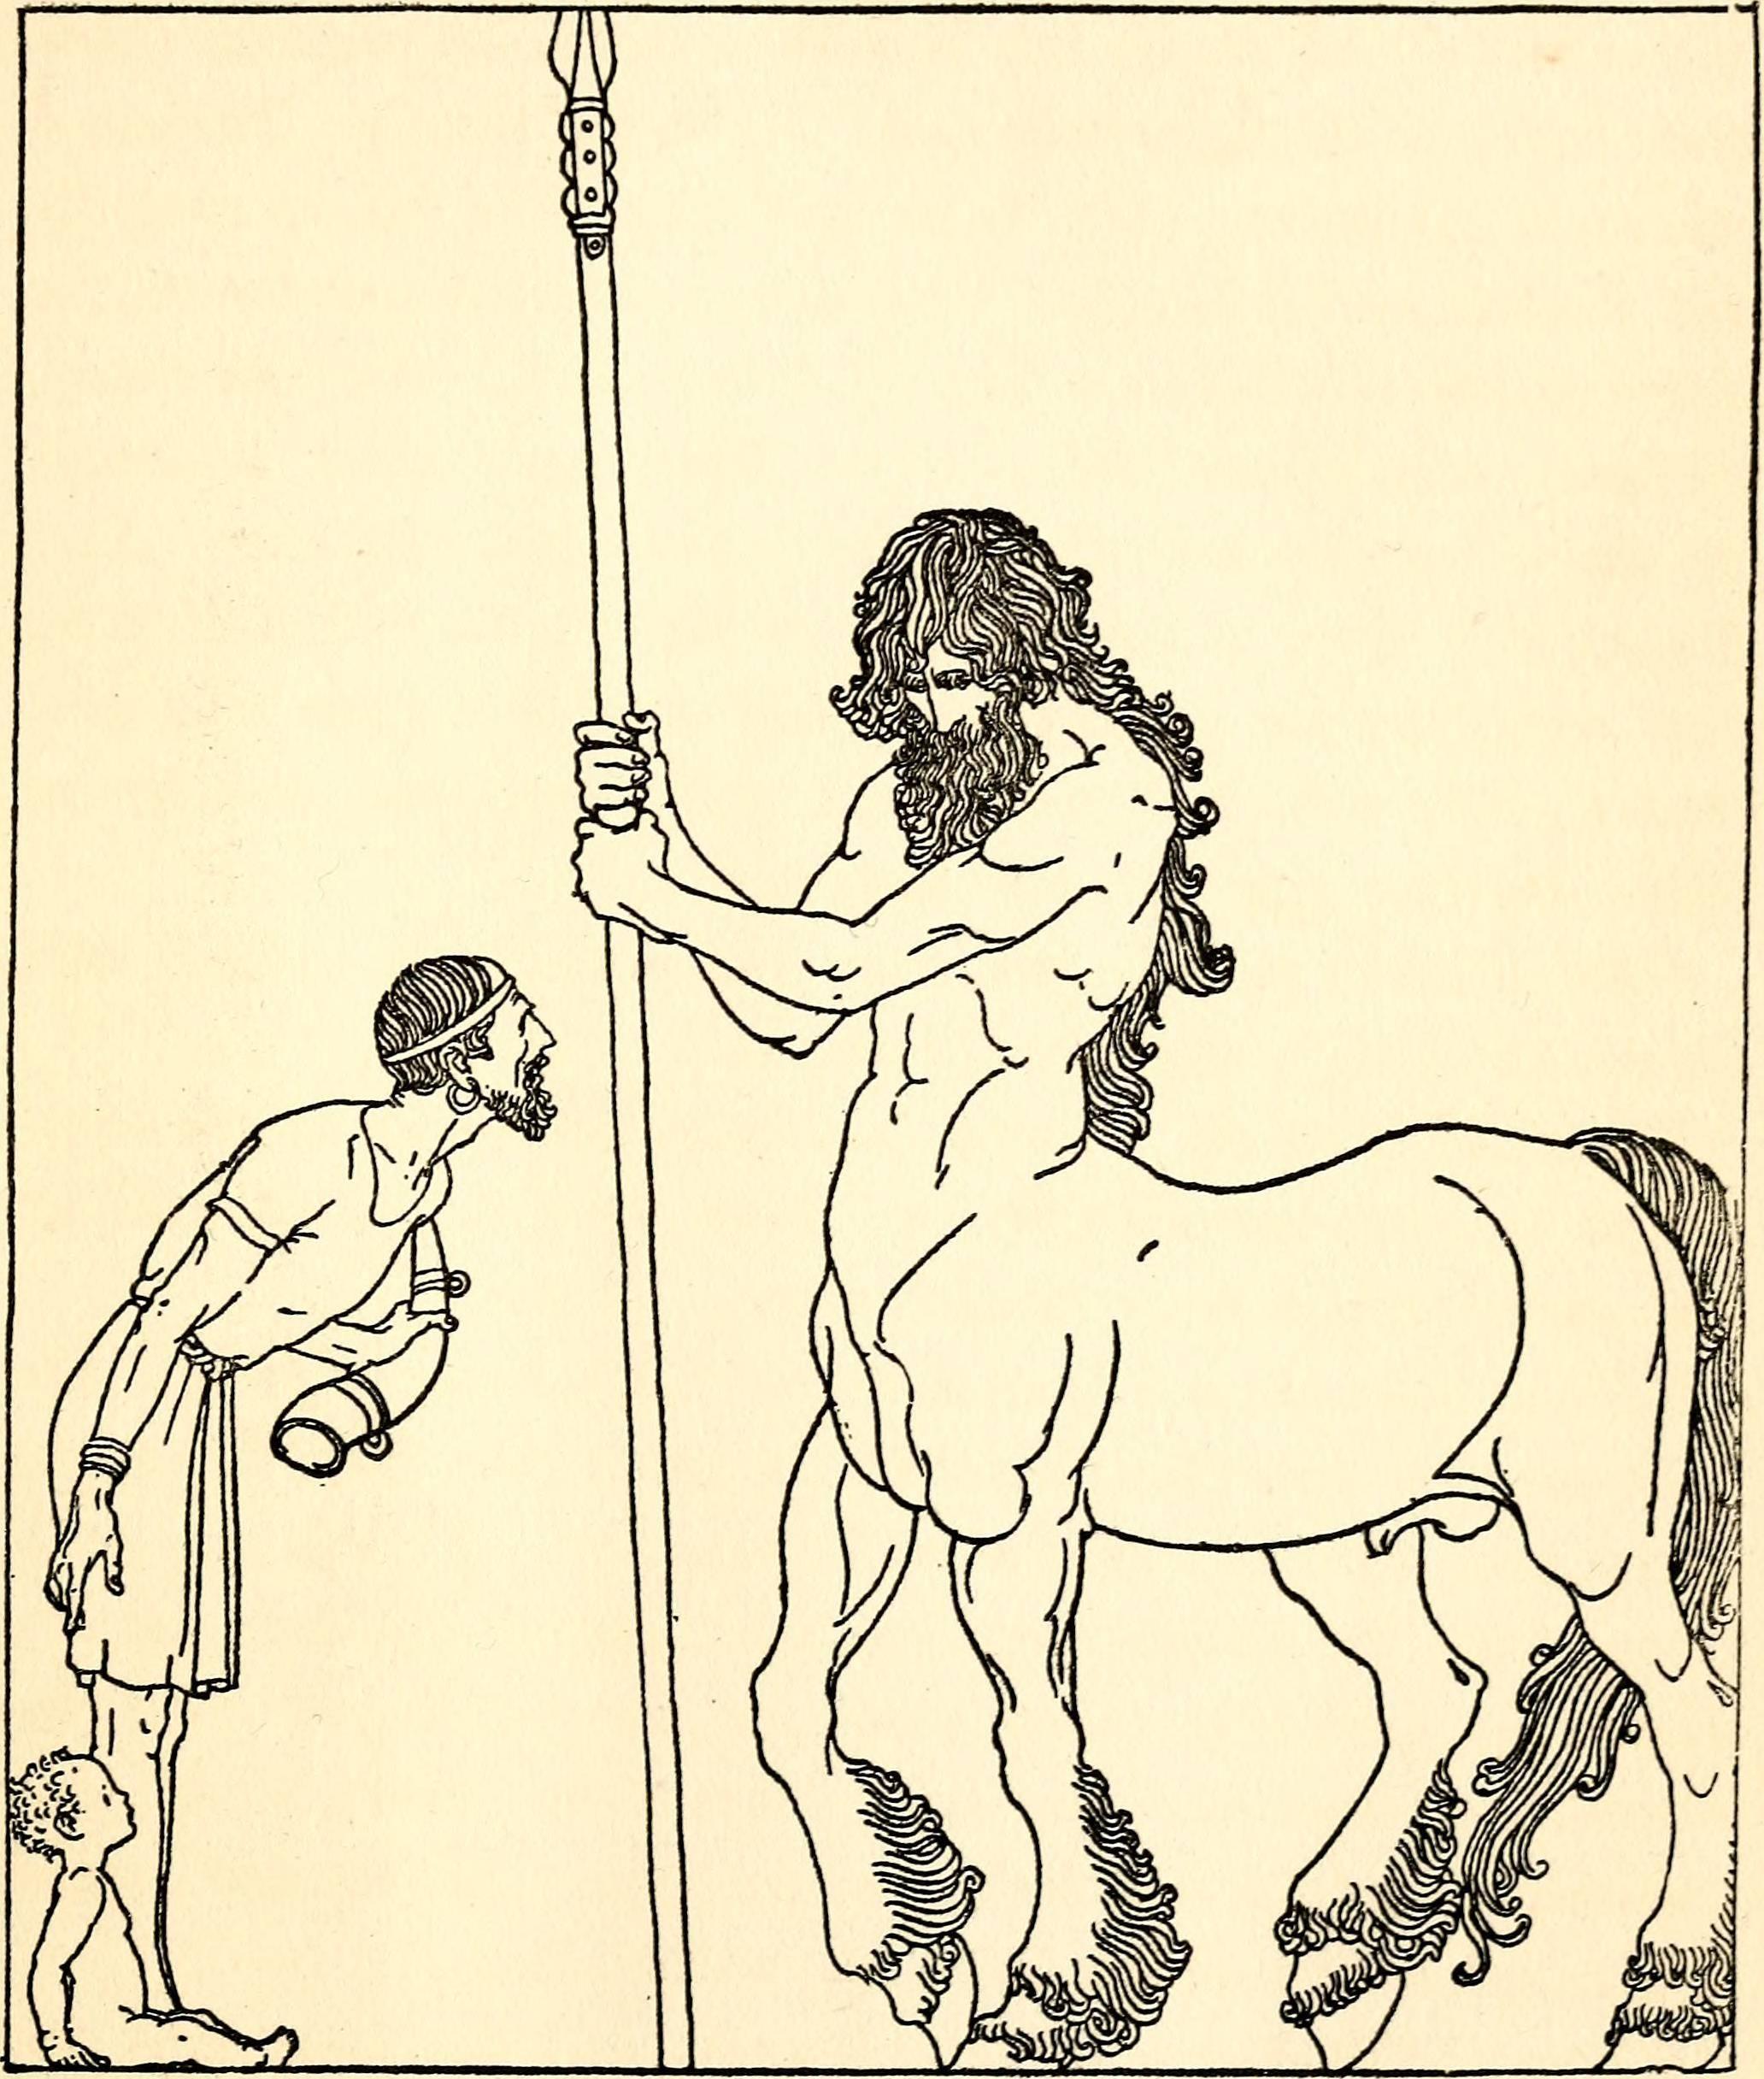 Древнегреческие мифические существа » страшные истории || арейон быстроногий говорящий конь из мифов древней греции